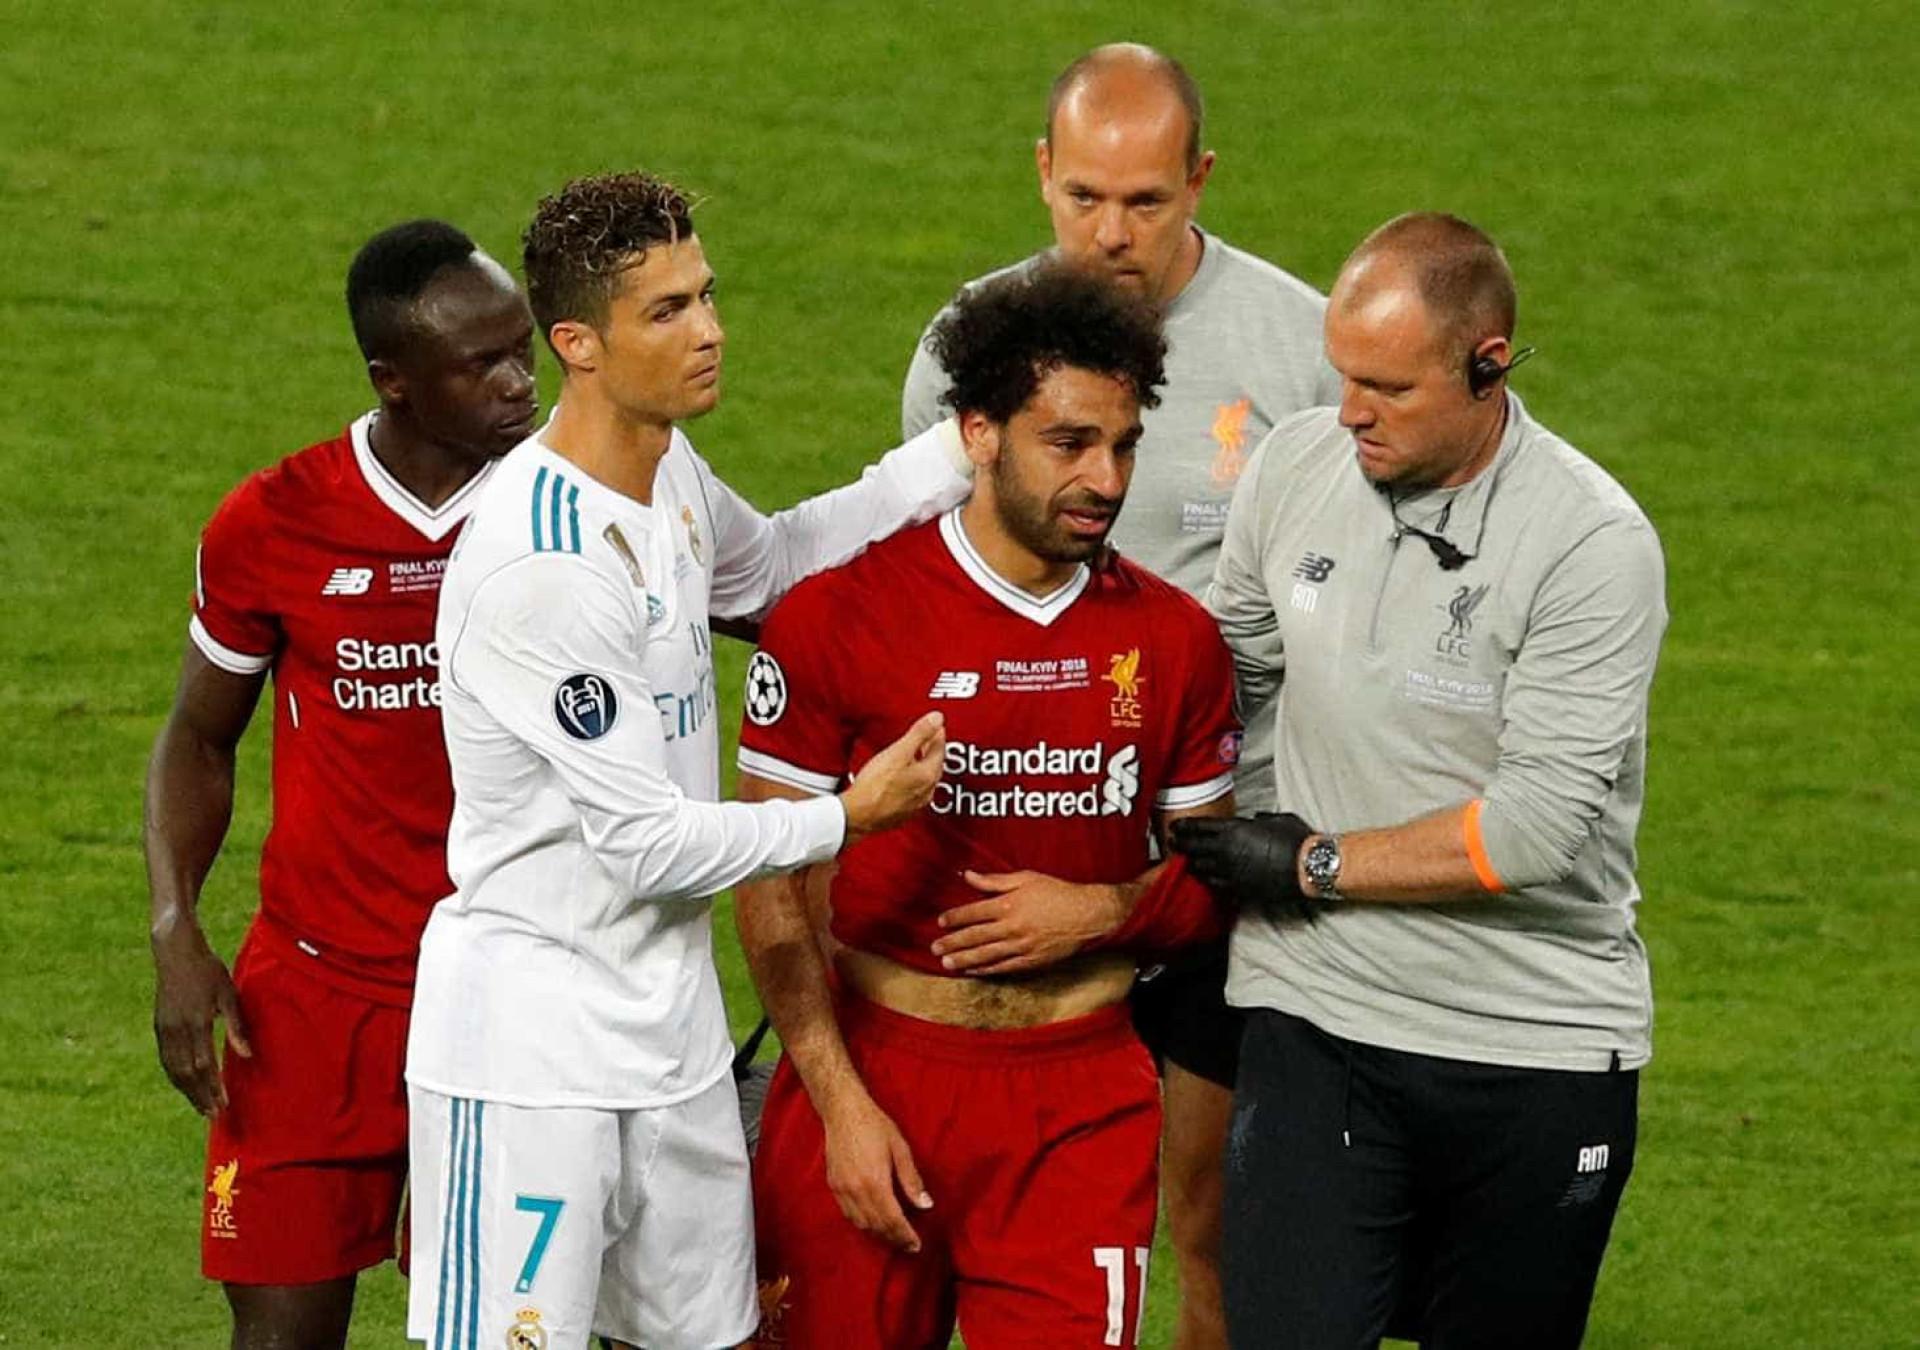 Eles brilharam no futebol europeu, mas nunca ganharam a Champions